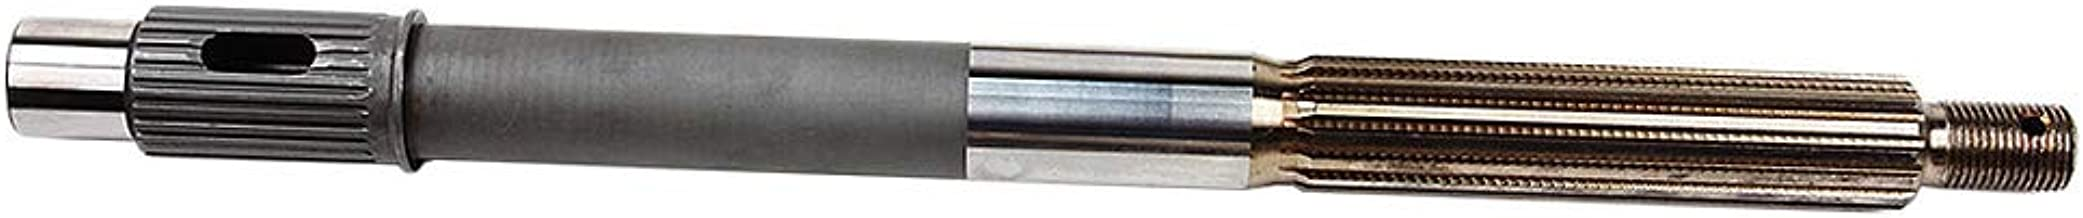 B Baosity 6H1-45611-01 Prop De Eje De Hélice para Yamaha Fueraborda F L 115HP - 200HP 2 / 4T